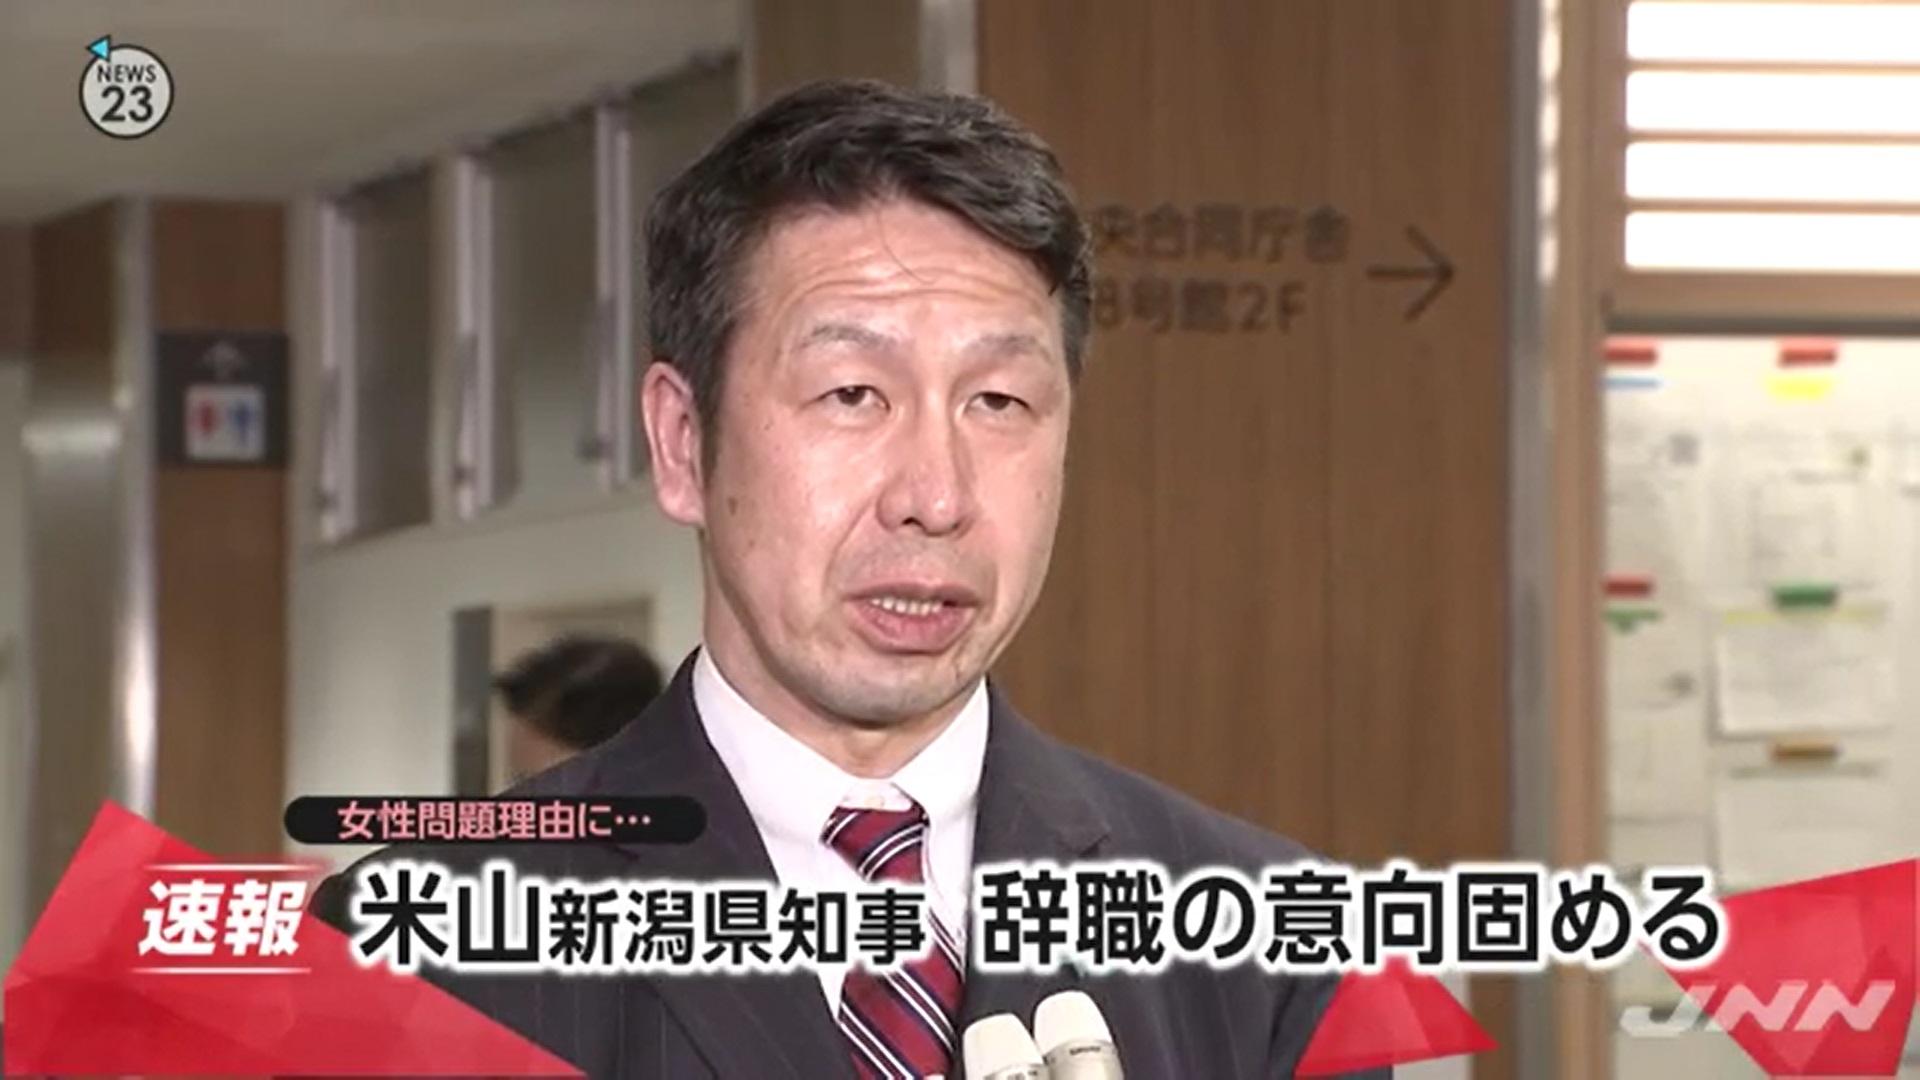 2018年4月16日にTBS(JNN)が新潟県の米山知事が辞職の意向と報道